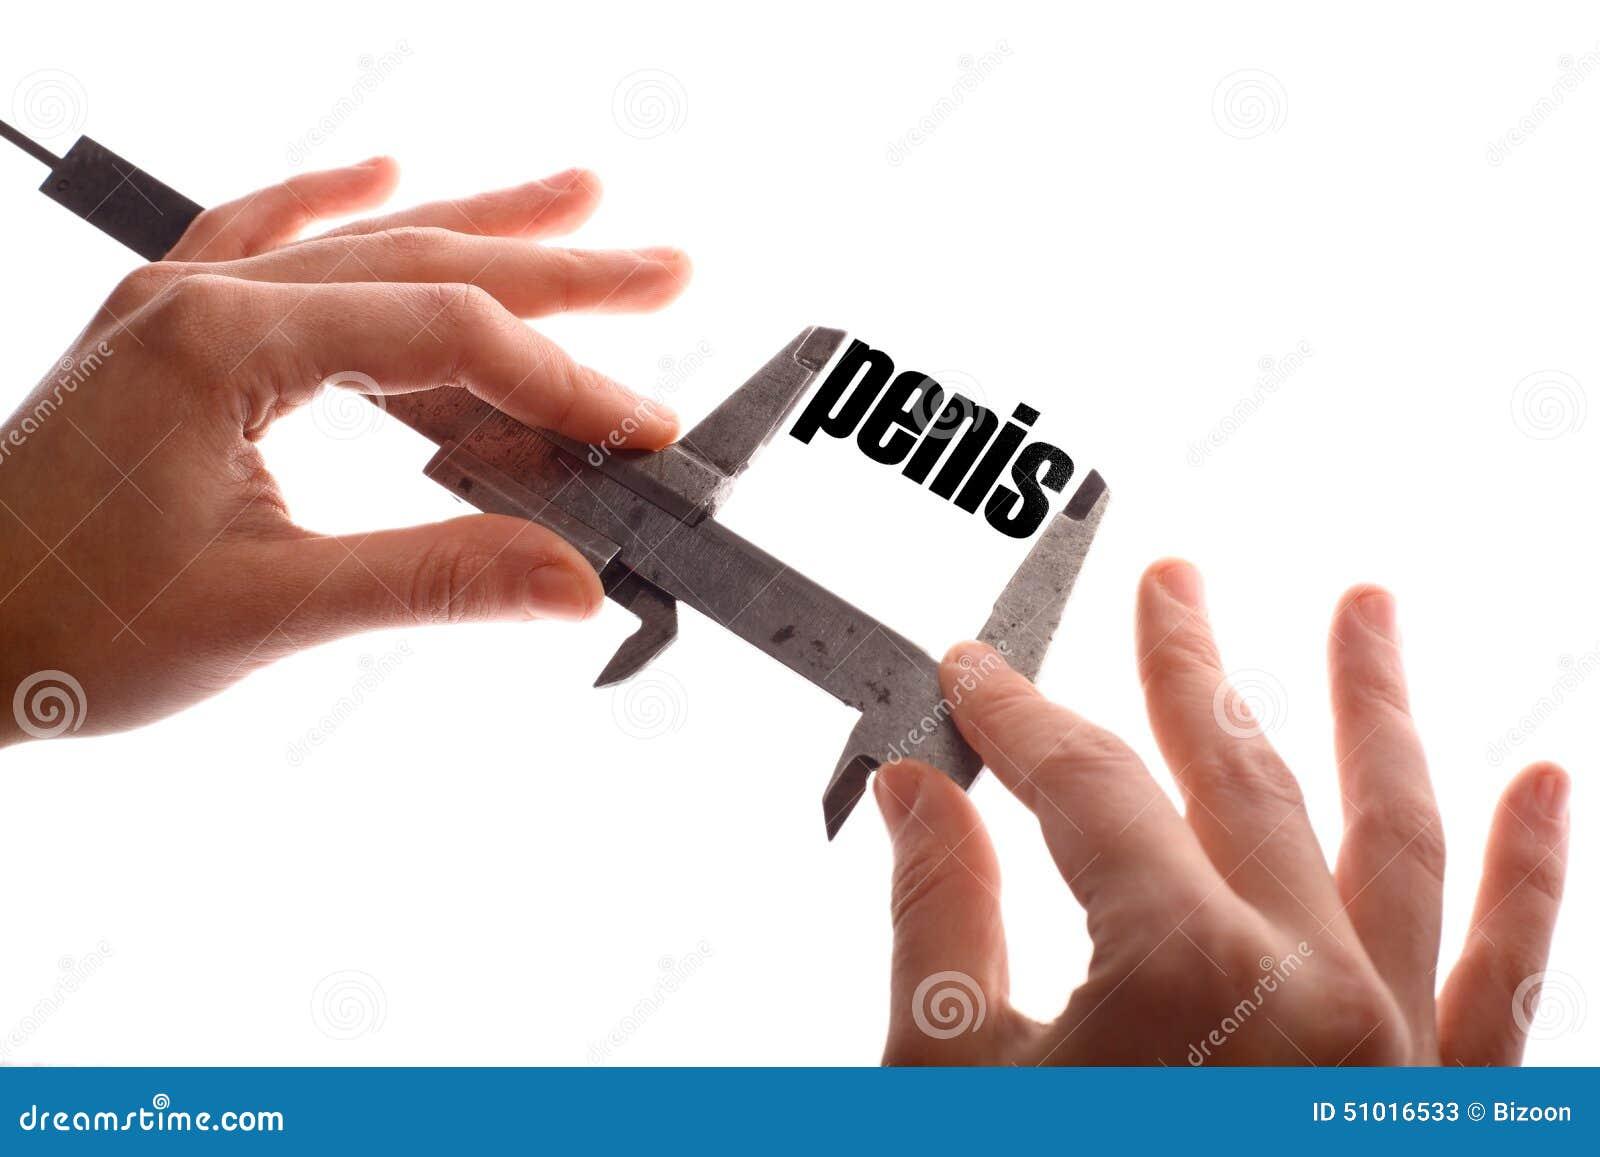 15:30 determining penis size 2:01?